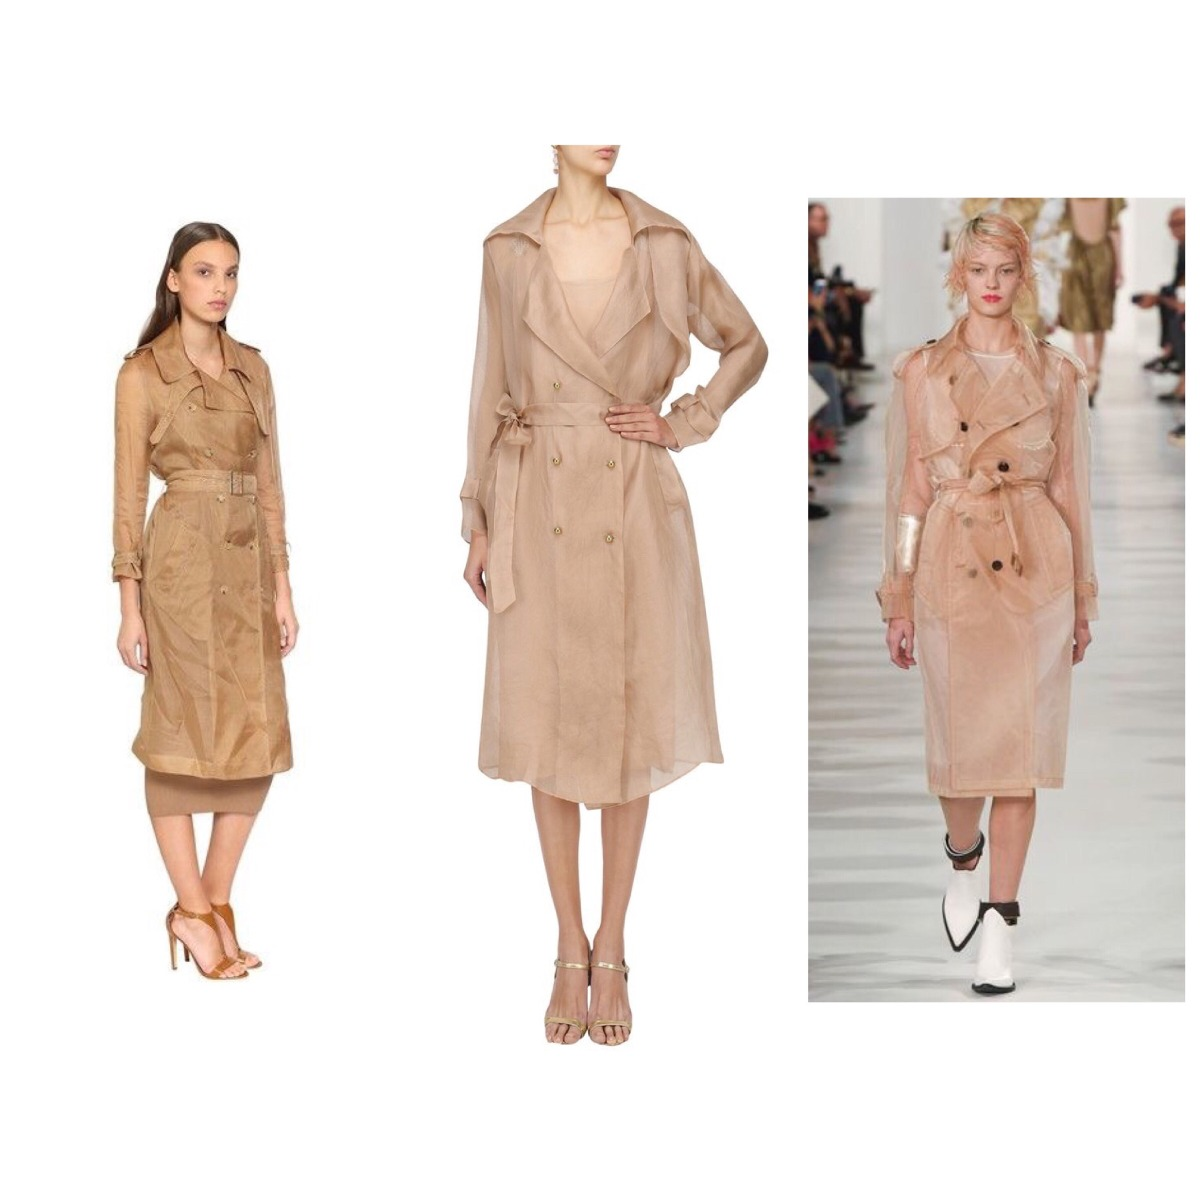 60080502d casaco trench coat fórum organza dourado 38. Carregando zoom.